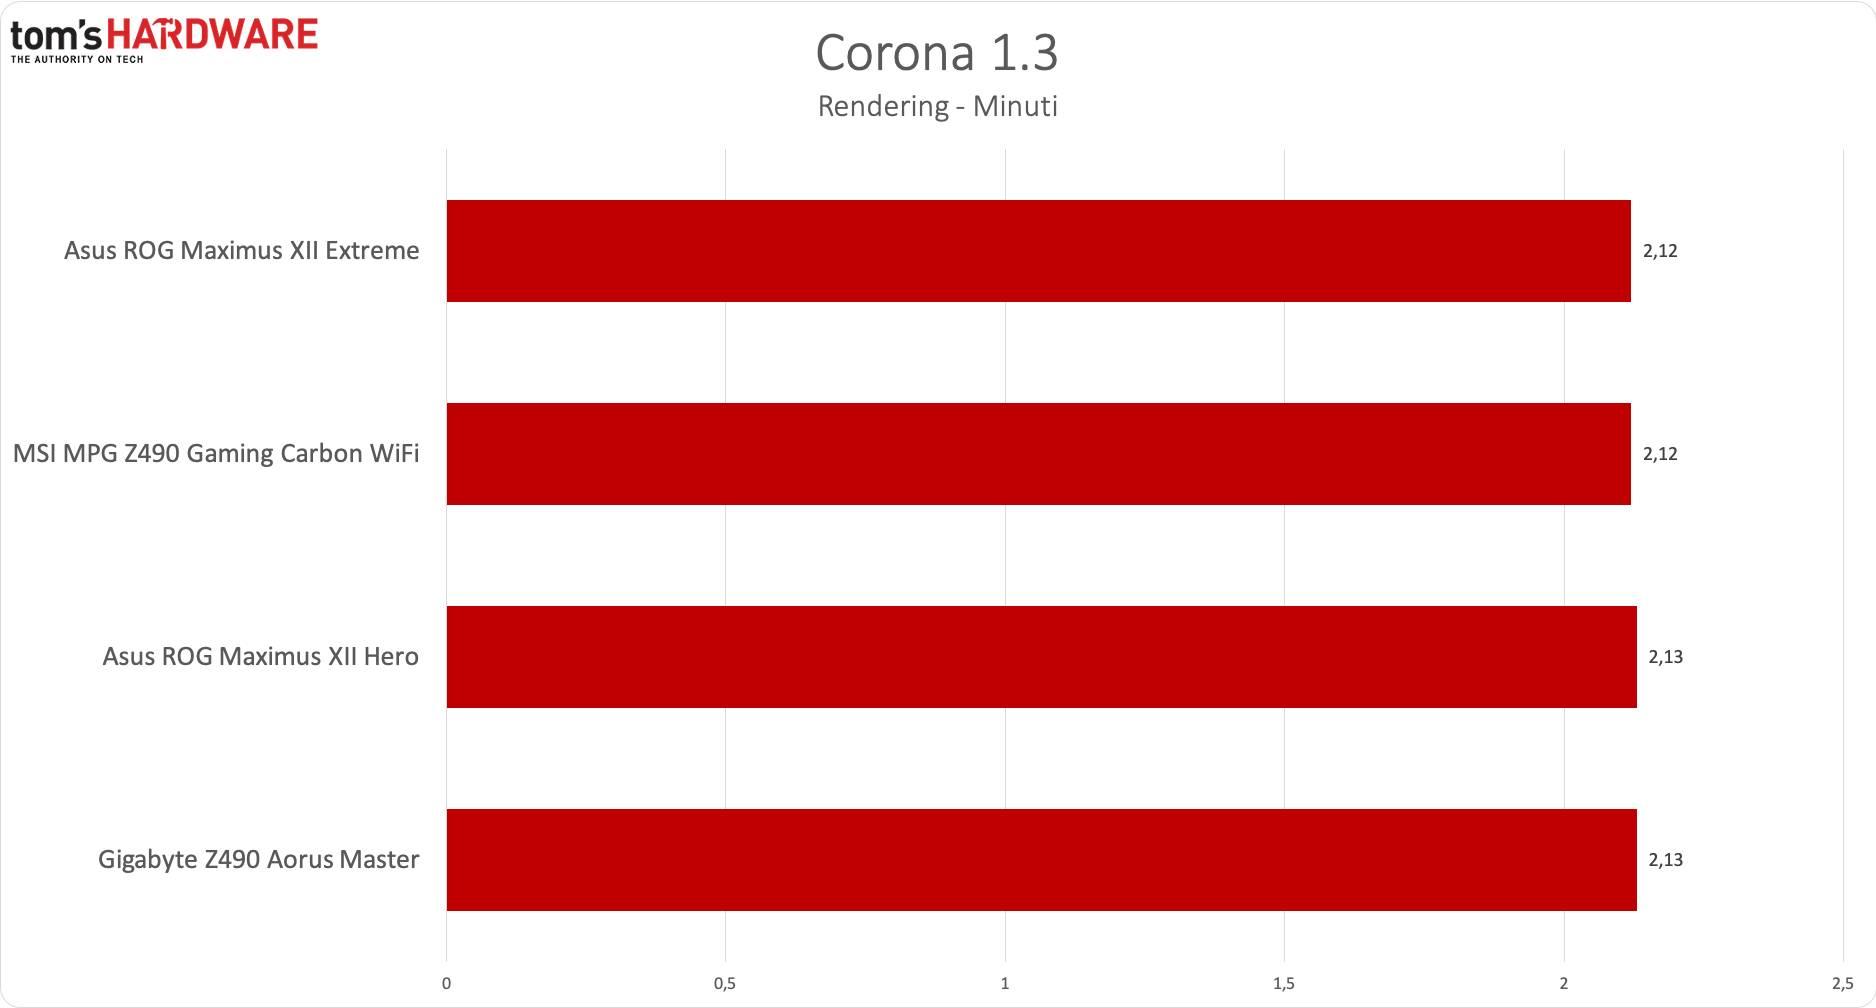 MSI Z490 Gaming Carbon WiFi - Corona 1.3